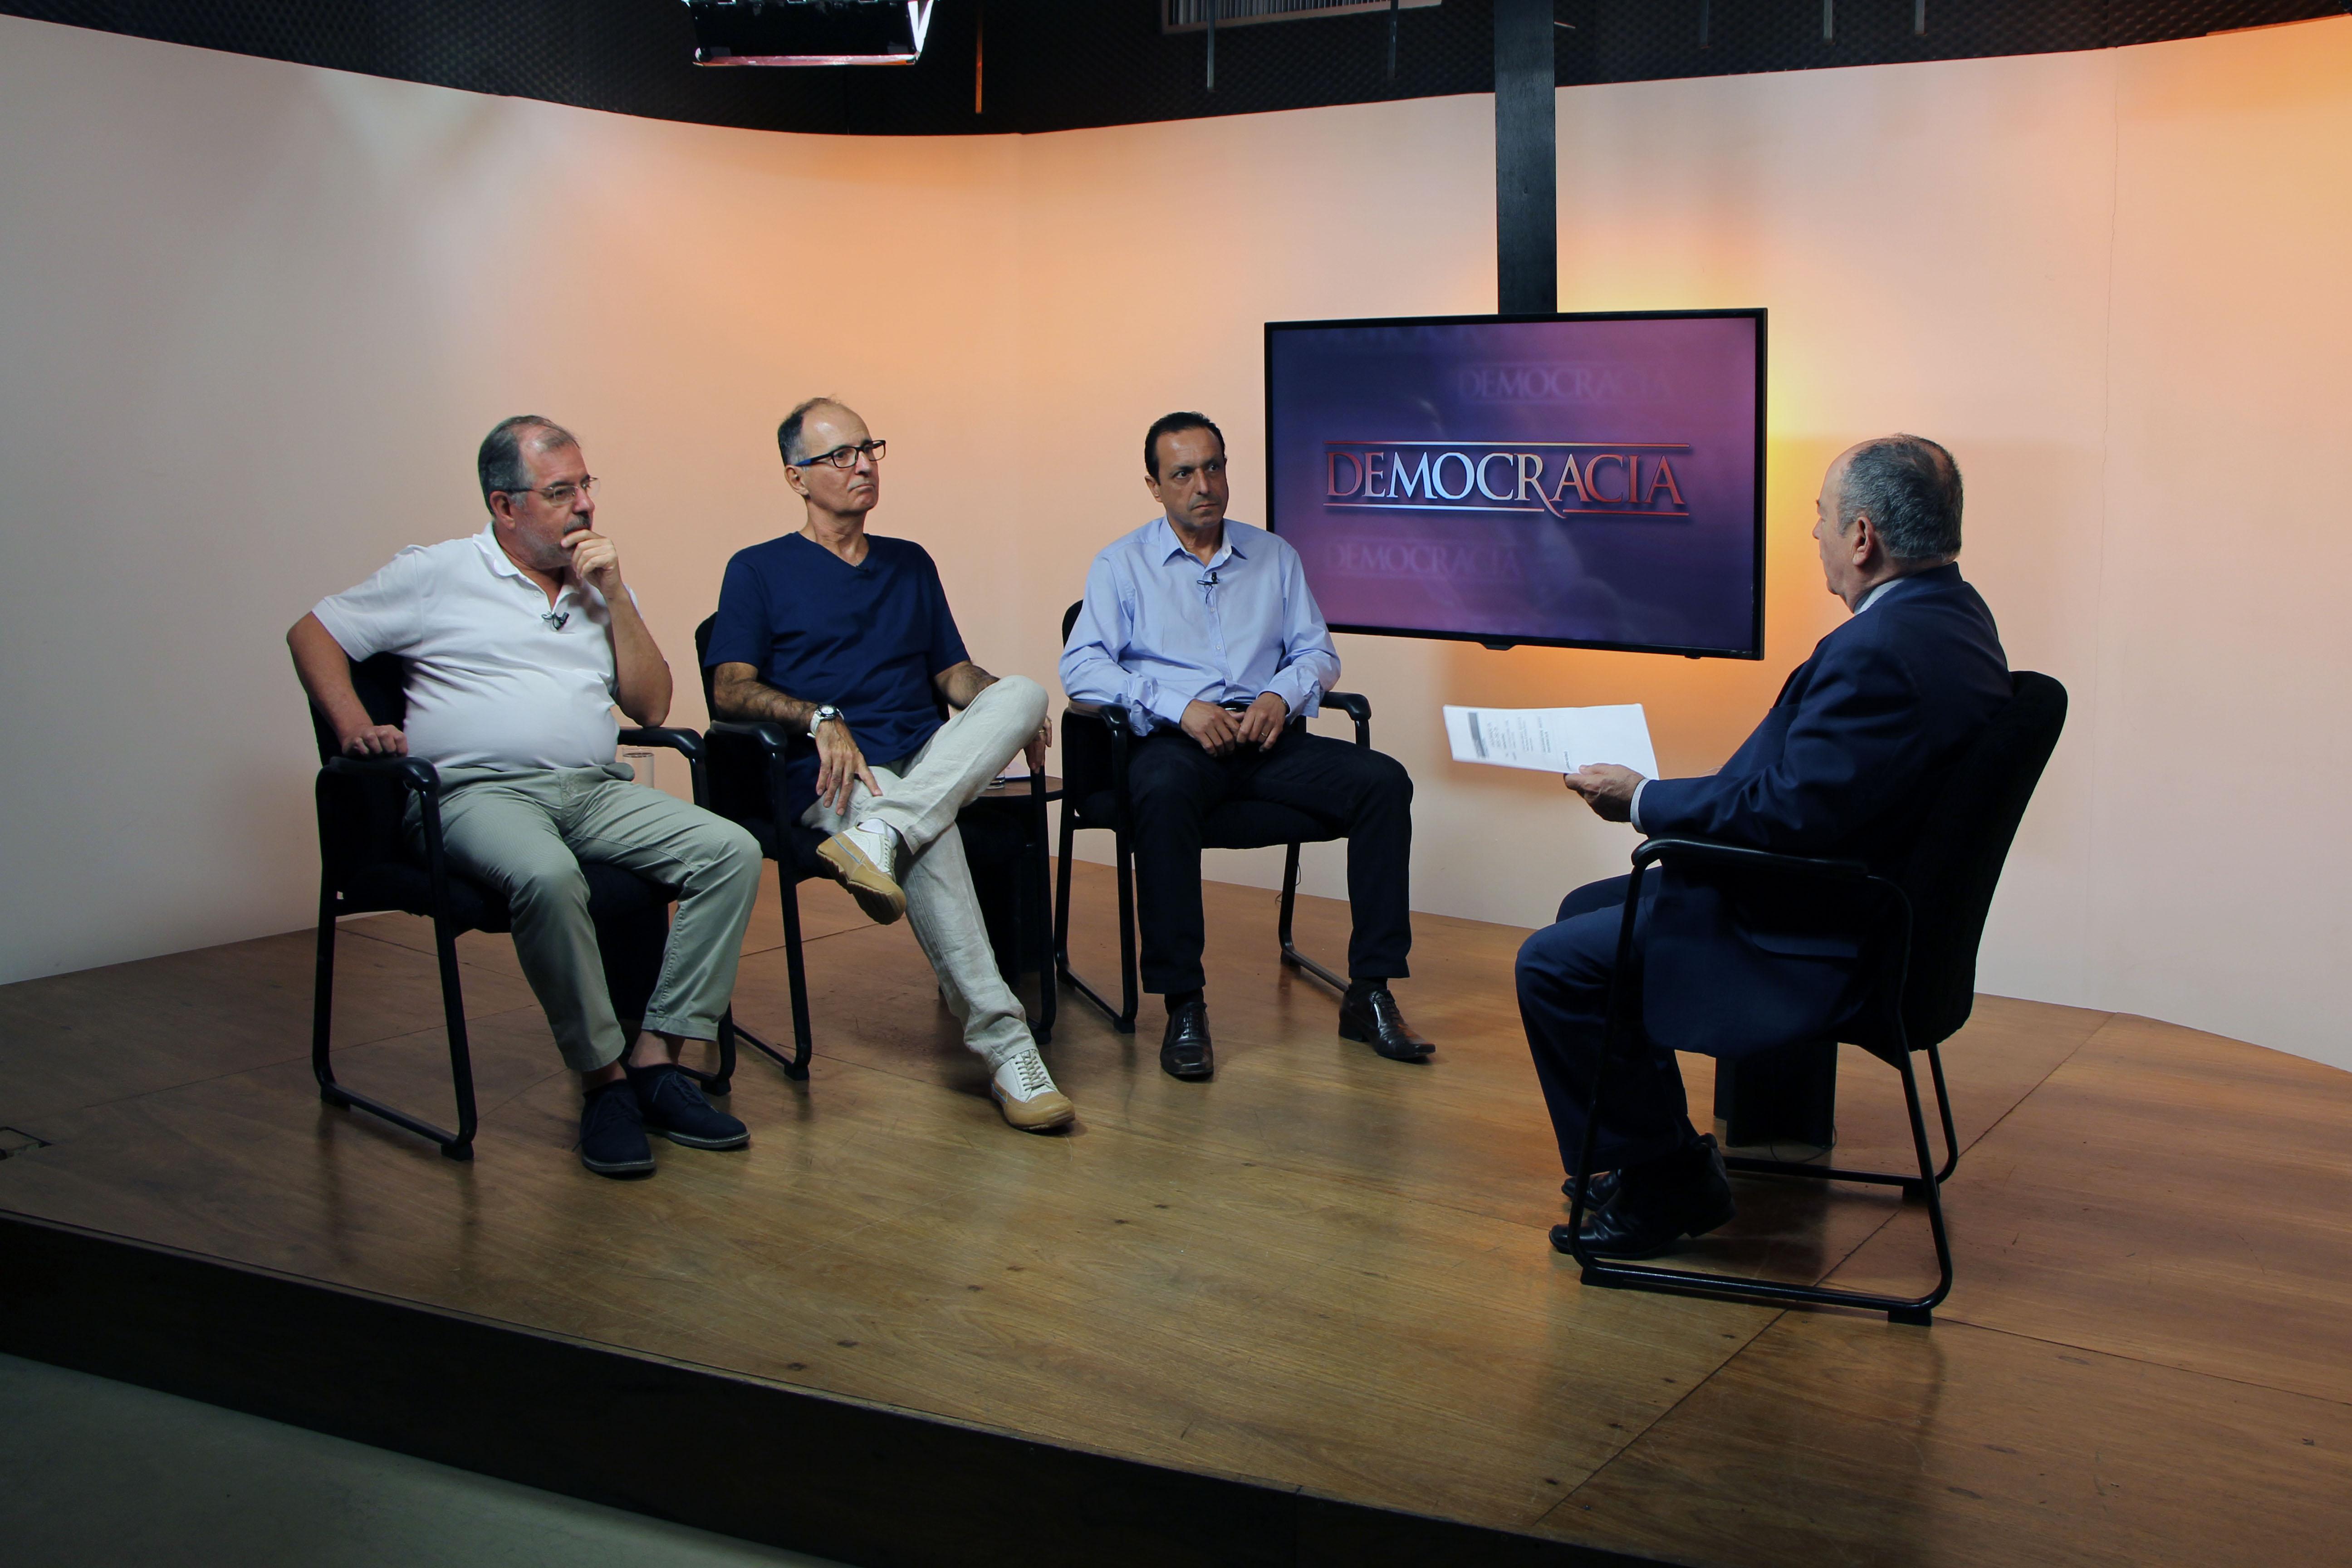 Luiz, Ângelo e Pedone acompanhados do jornalista e apresentador Batista Filho.